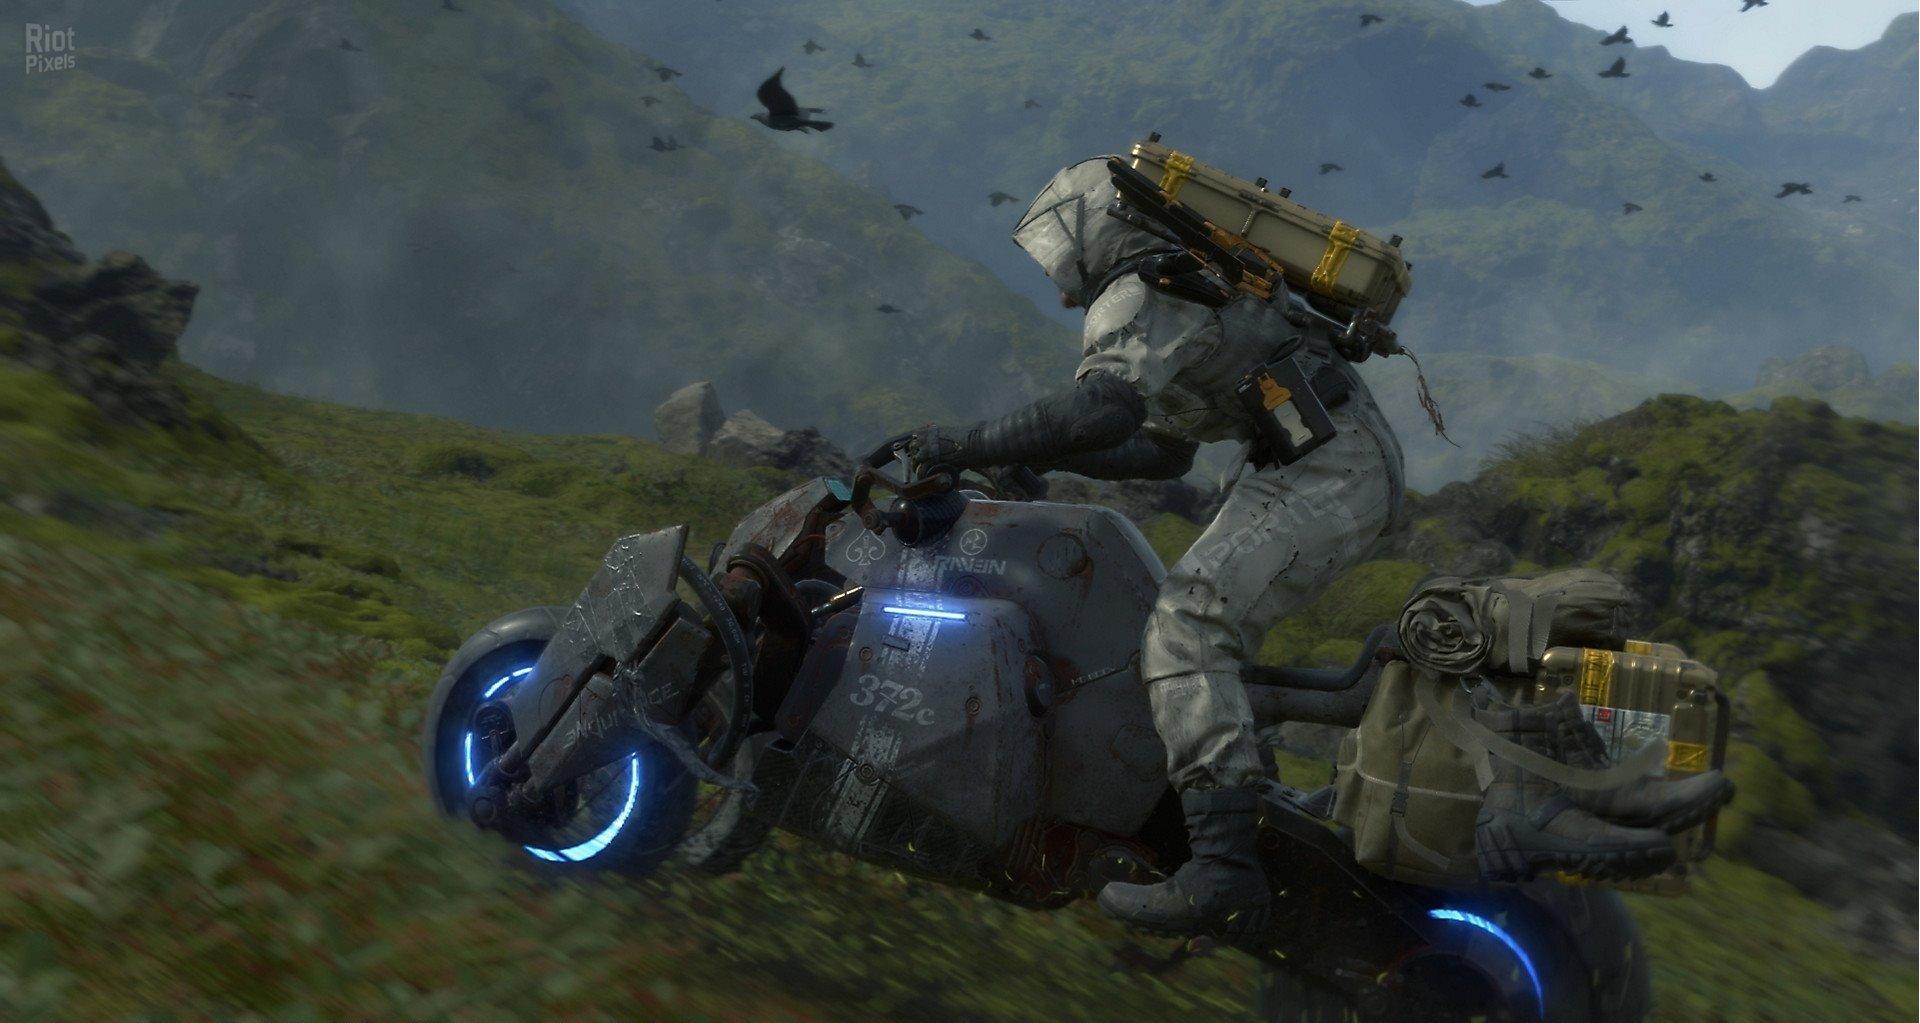 Скриншот к игре DEATH STRANDING v.1.02 [Steam-Rip] (2020) скачать торрент Лицензия